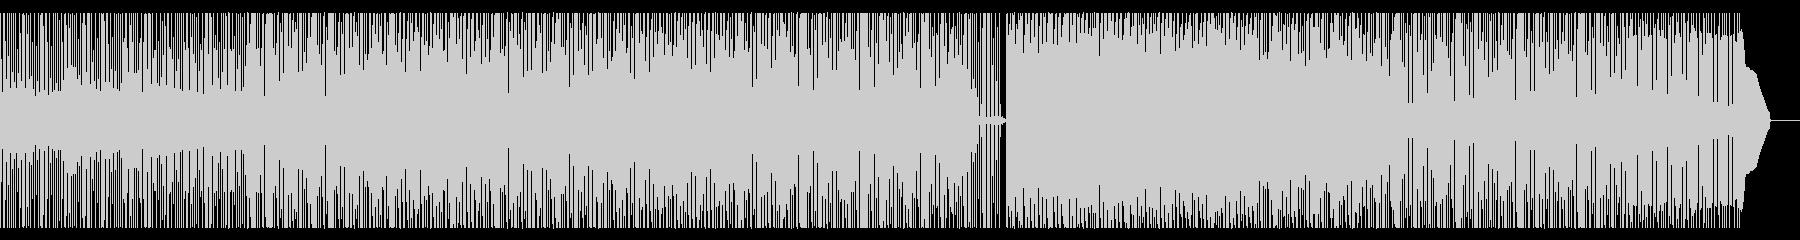 淡々と流れるBGMの未再生の波形